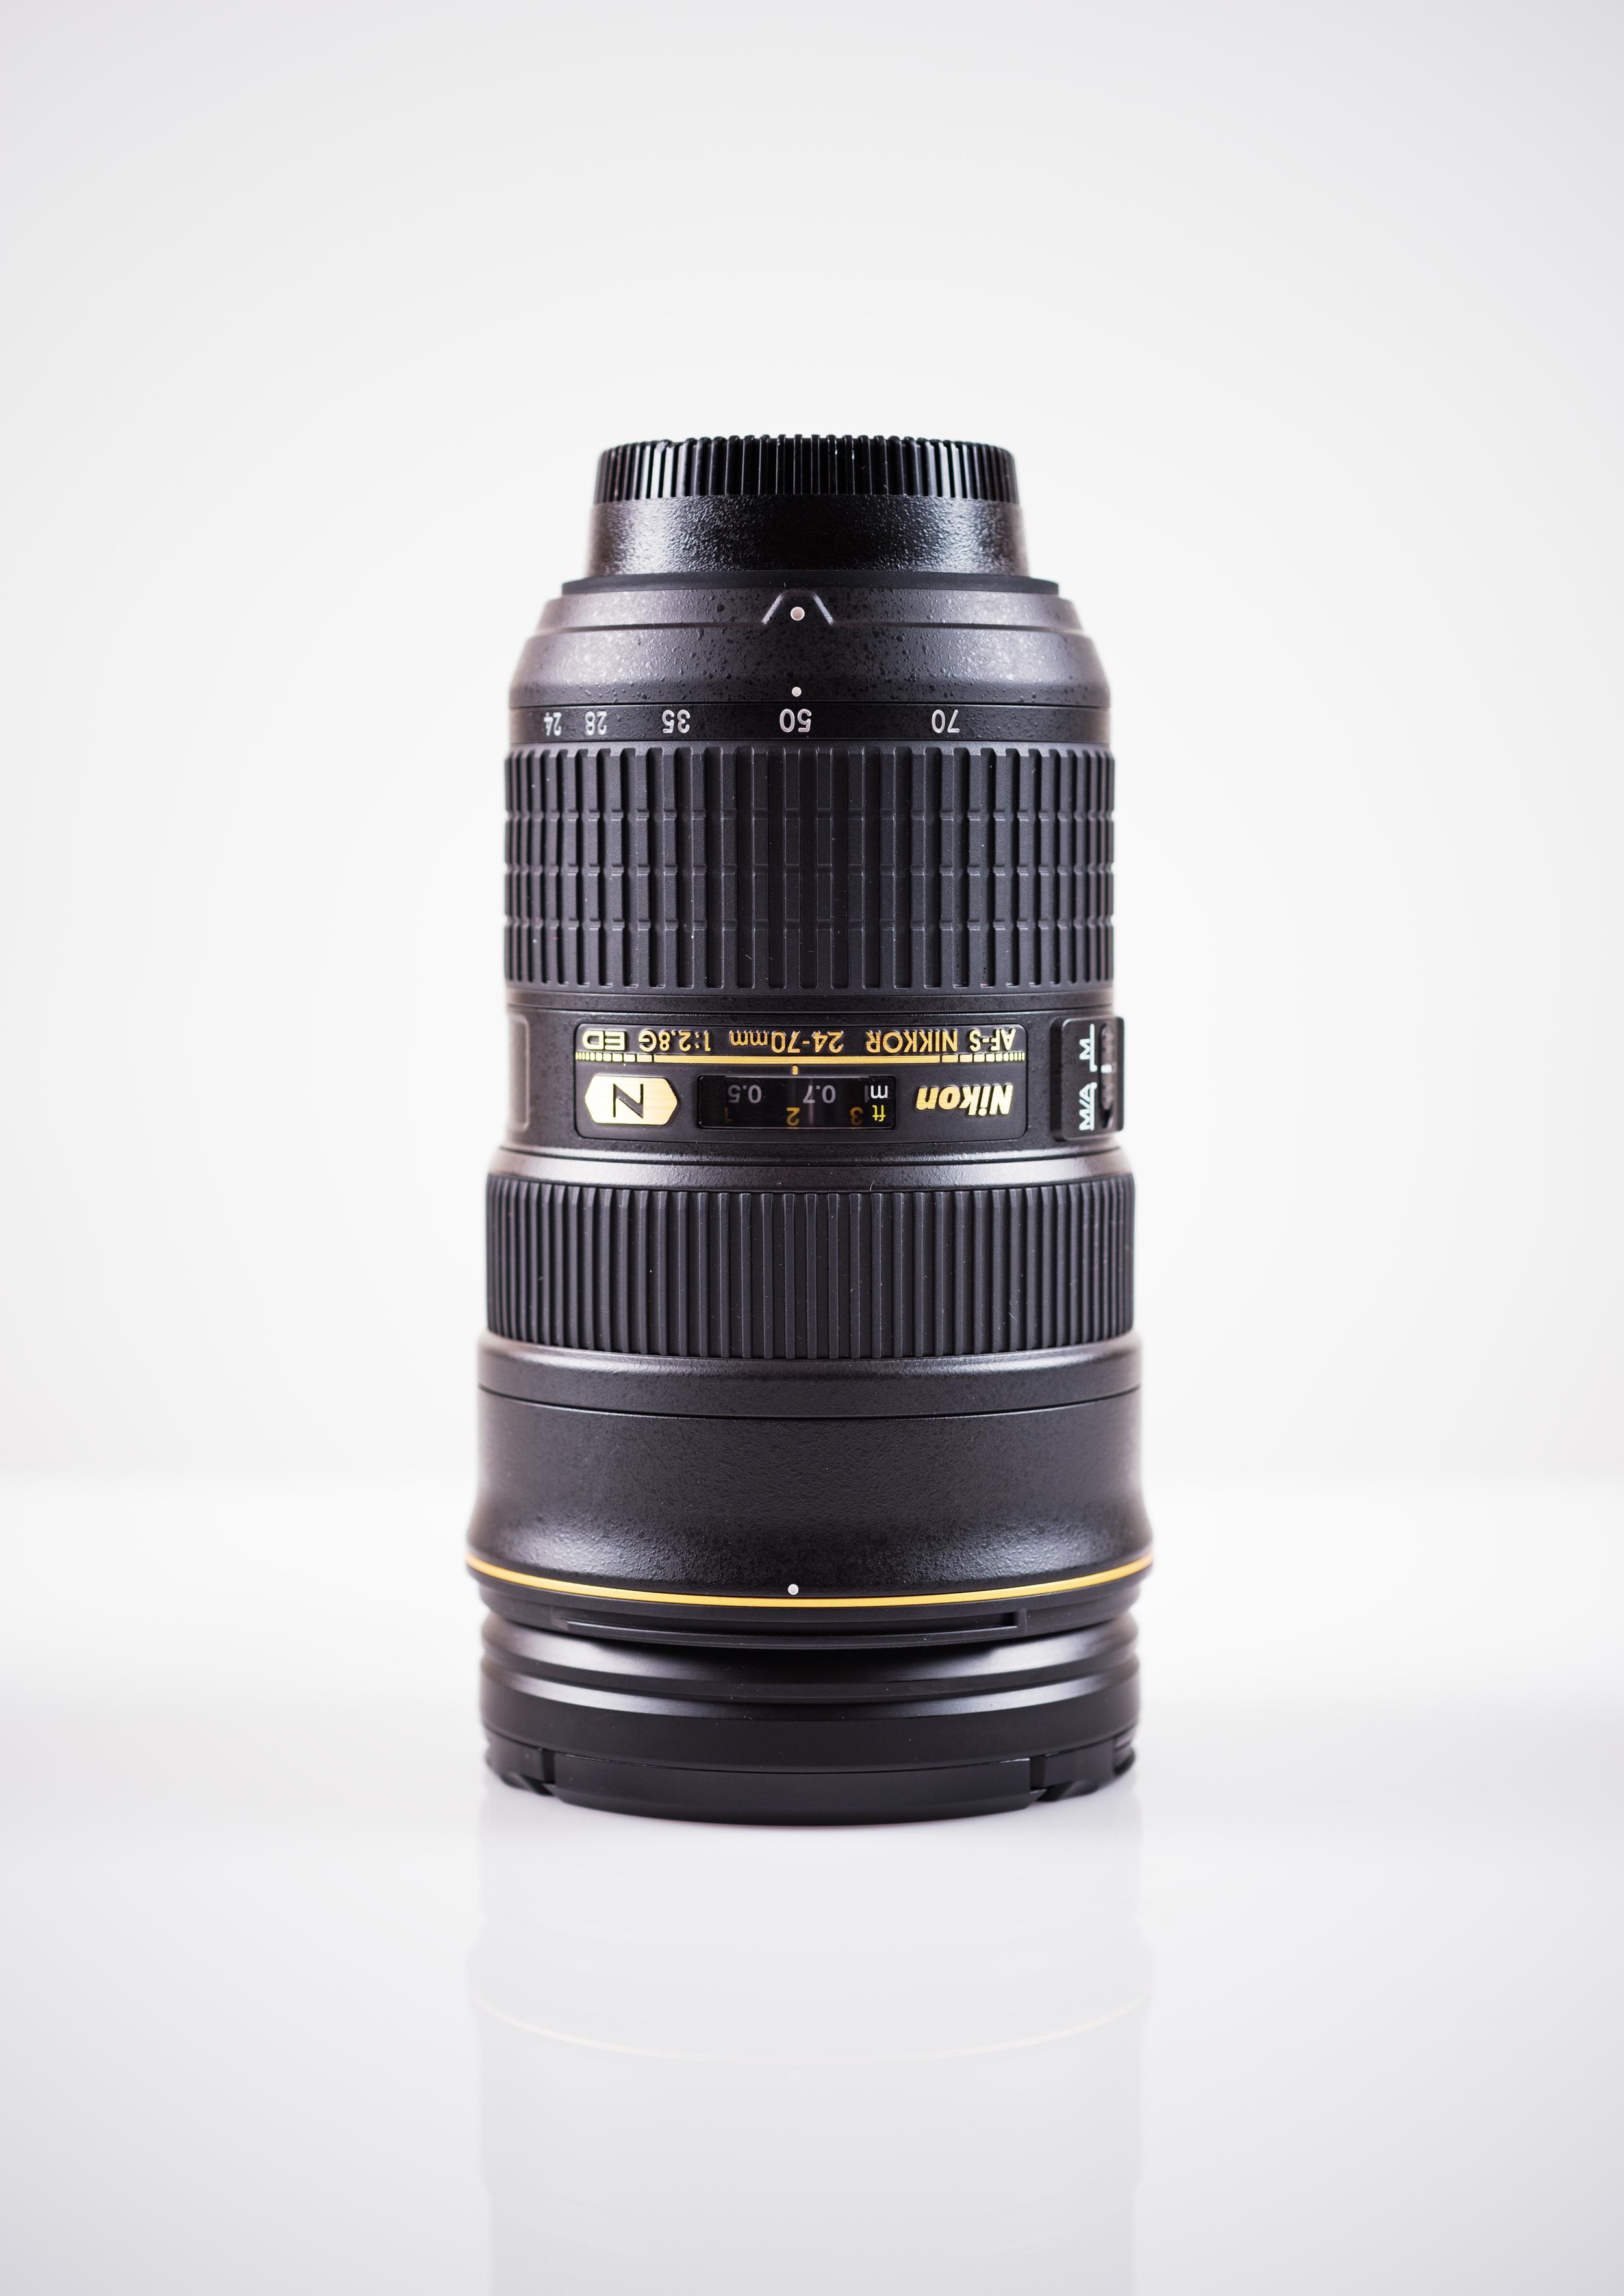 Shot with:  AF DC-Nikkor 135 f/2D